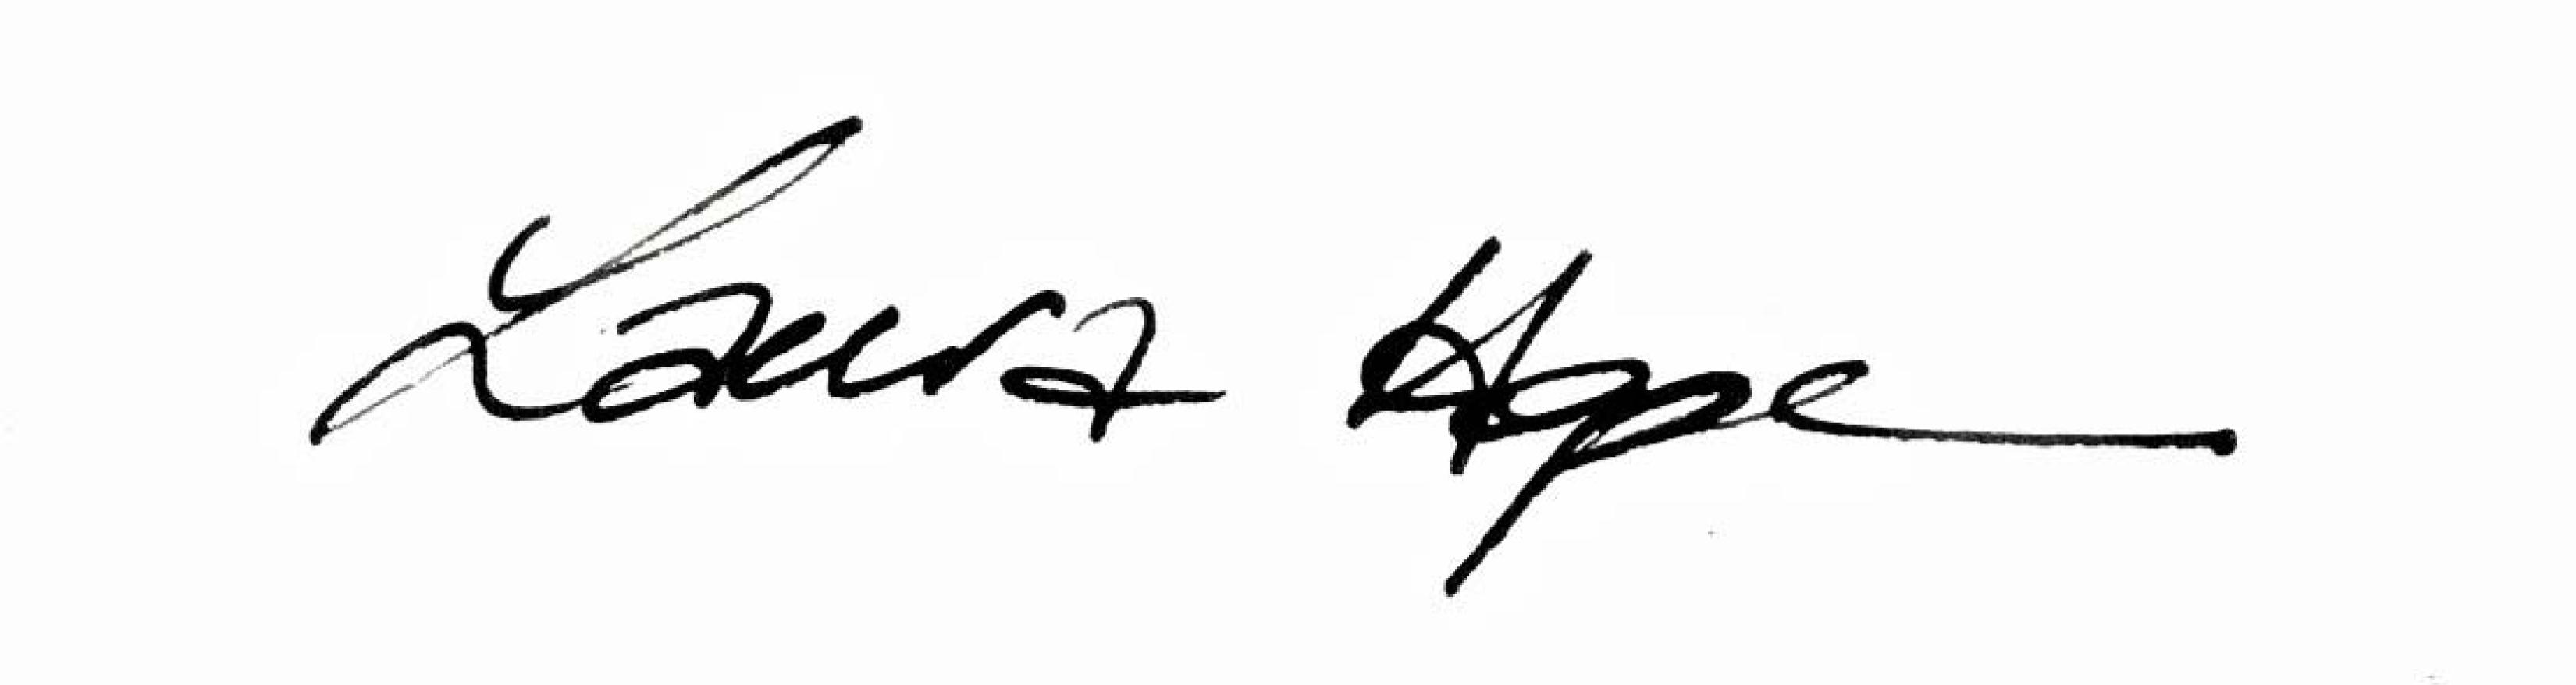 Laura Hope Selbie Signature